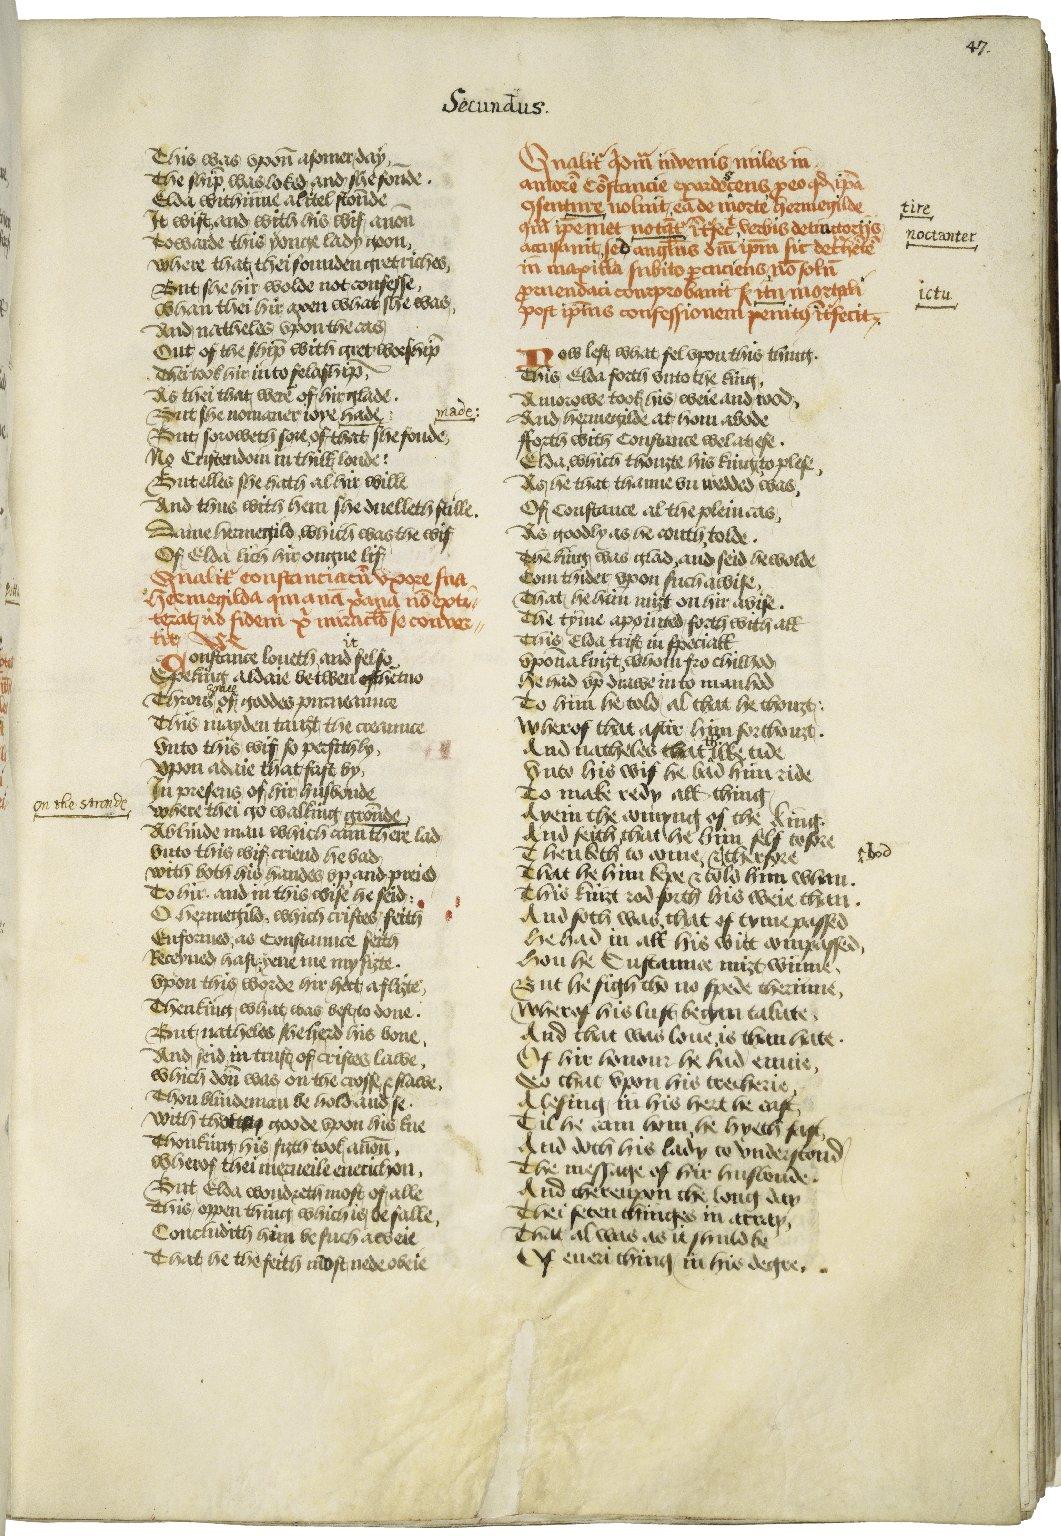 [Confessio amantis] De confessione amantis [manuscript], ca. mid-15th century.